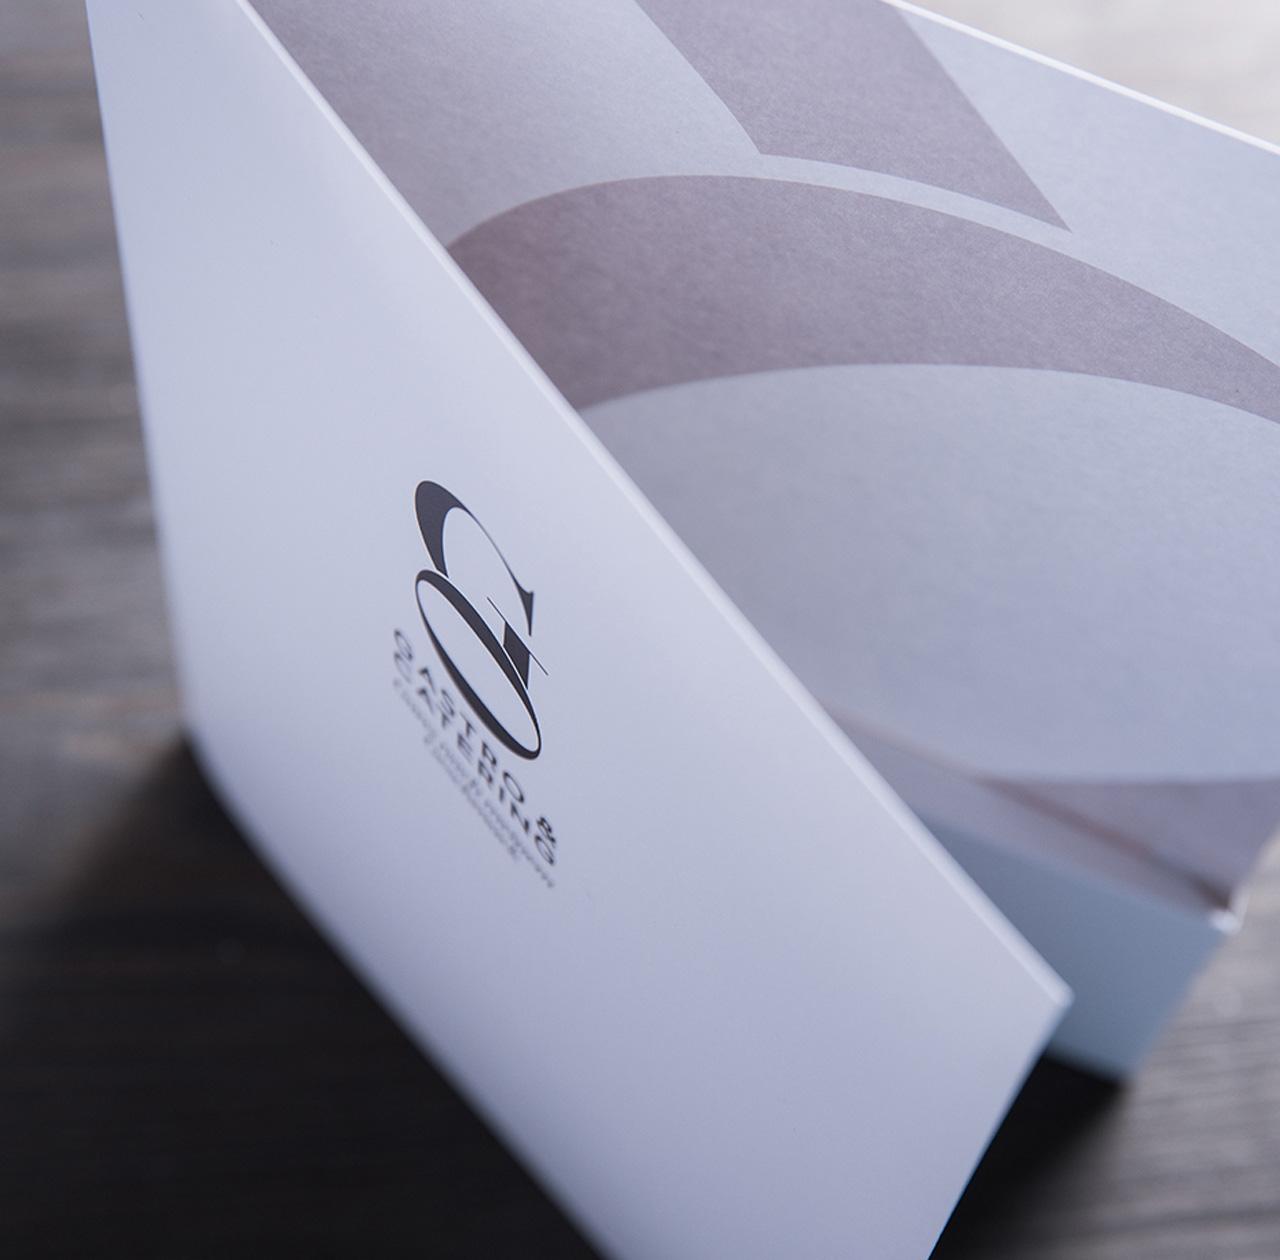 Upart Referenz - Branding für Go Gastro fluegelmappe